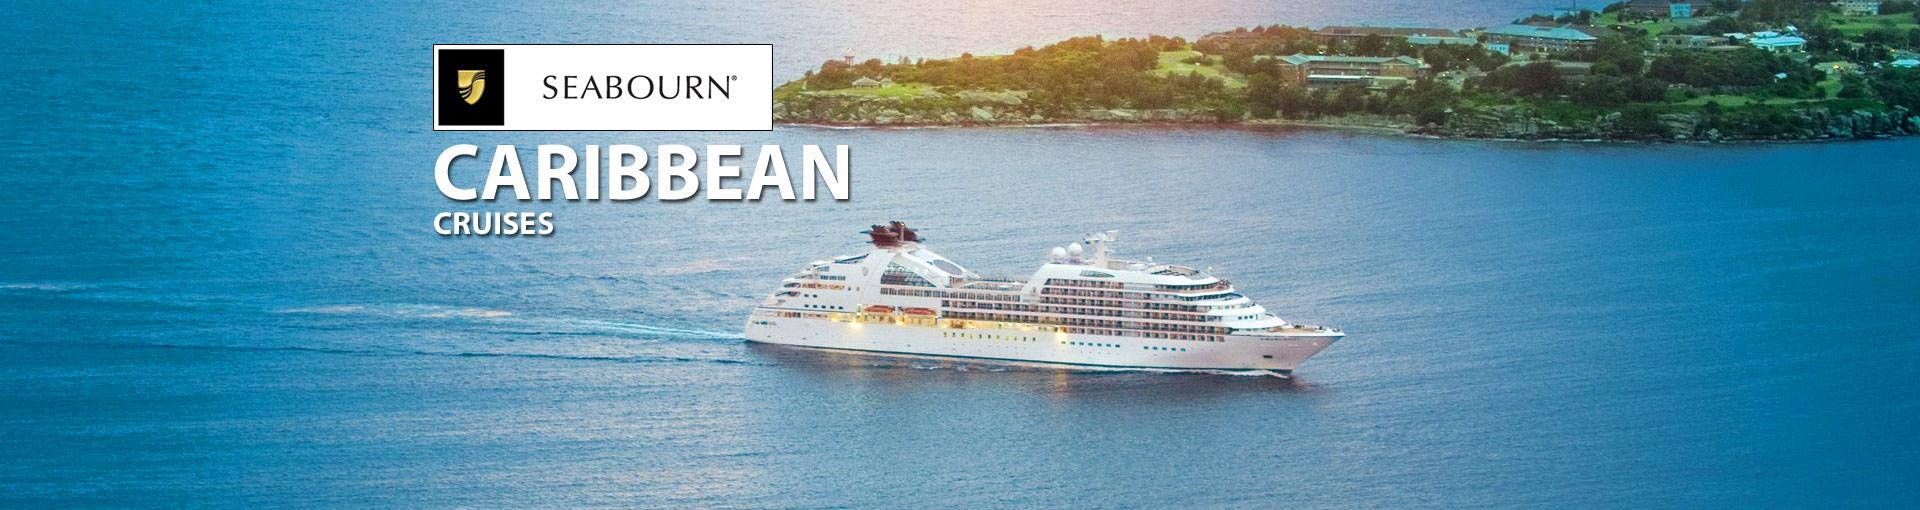 Seabourn Caribbean Cruises